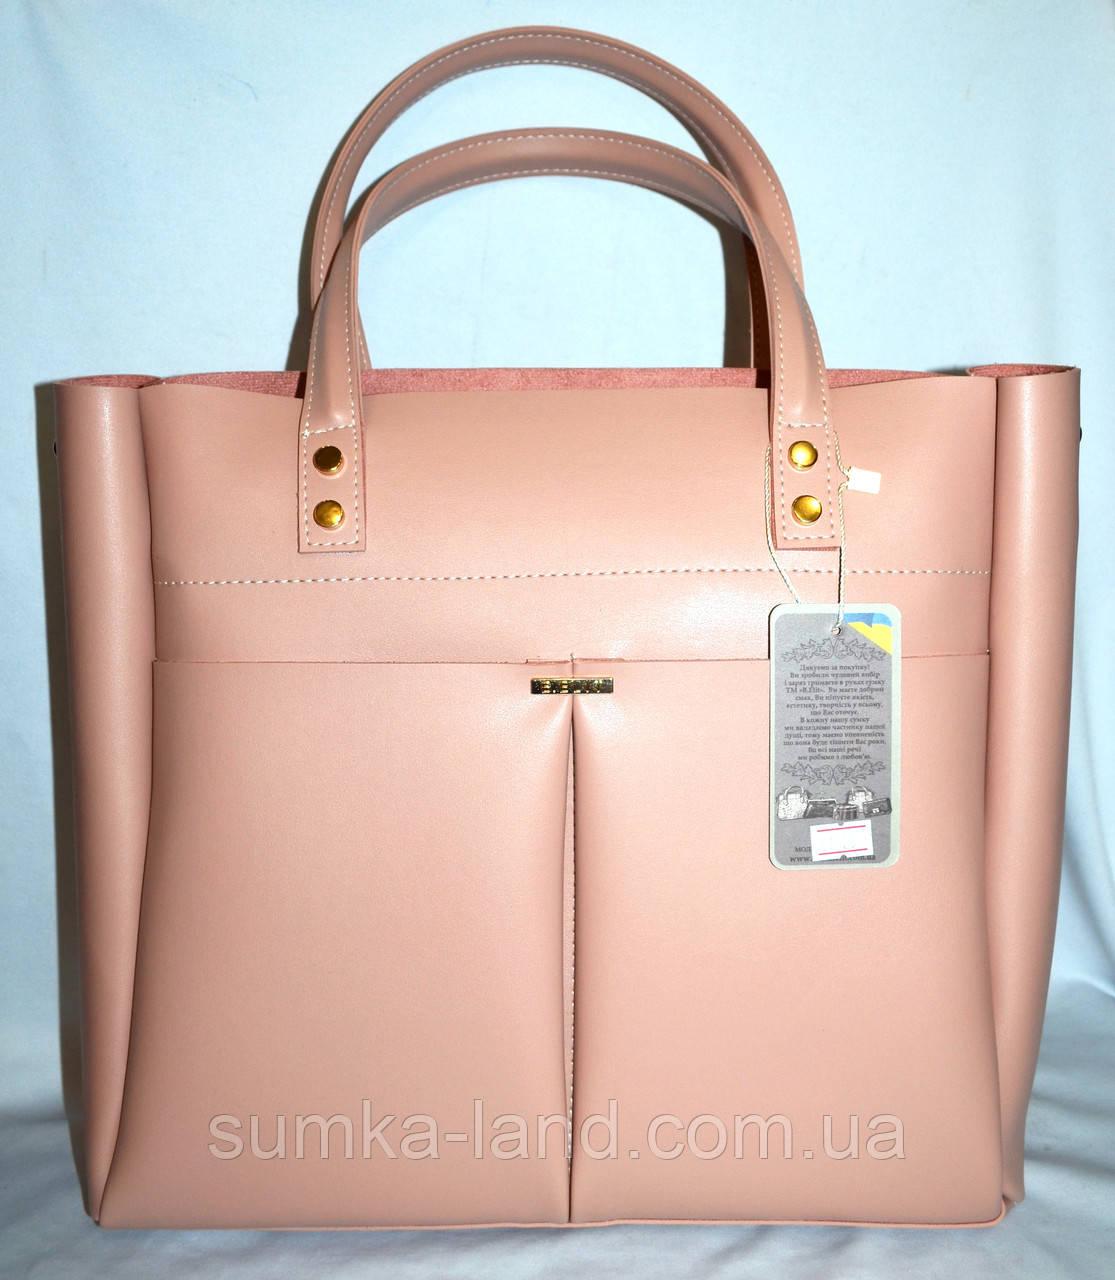 4256f927101b Женская пудровая сумка B Elit из эко-кожи с длинной ручкой 35 30 см ...